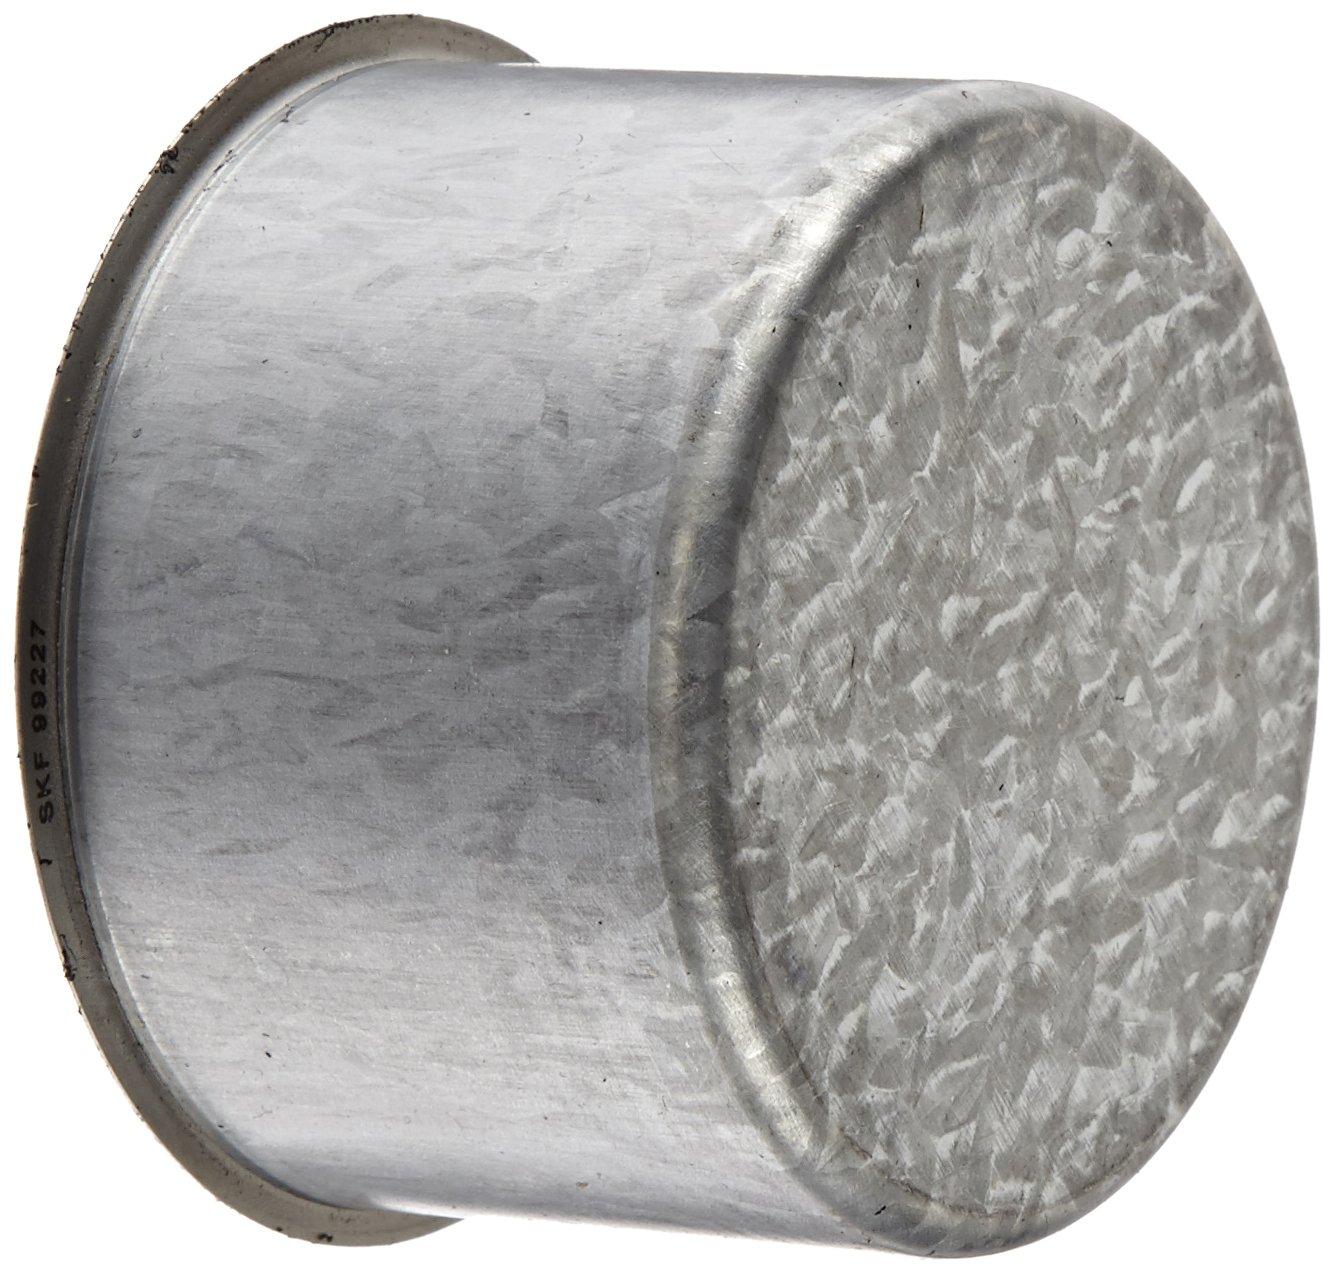 SKF 99227 Speedi Sleeve, SSLEEVE Style, Inch, 2.25in Shaft Diameter, 0.781in Width